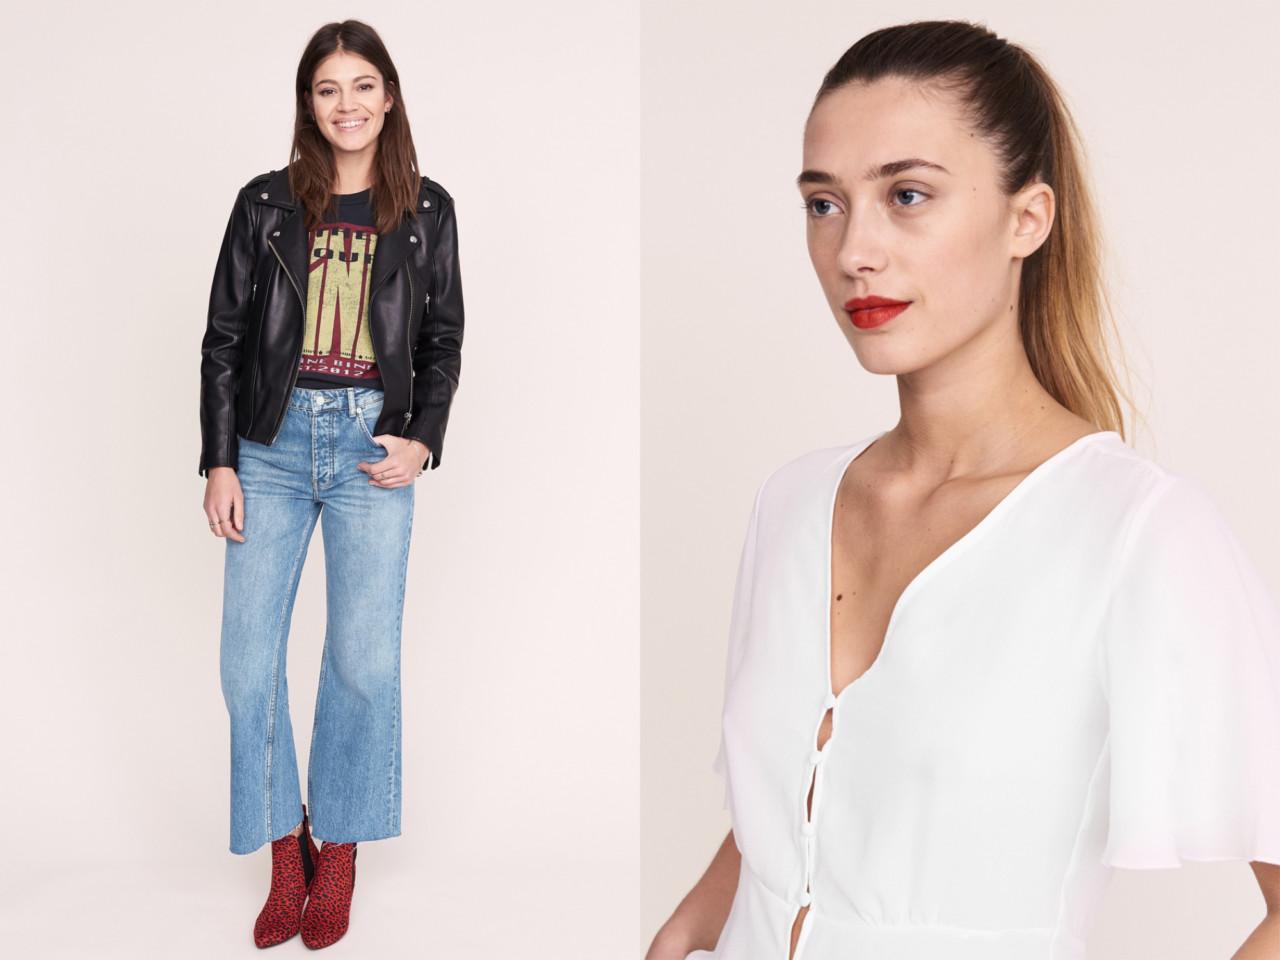 Ultimata jeans (reklamlänk via Apprl) och HÄRLIG blus (reklamlänk via Apprl)  från Gina Tricot. e8b38bd732390